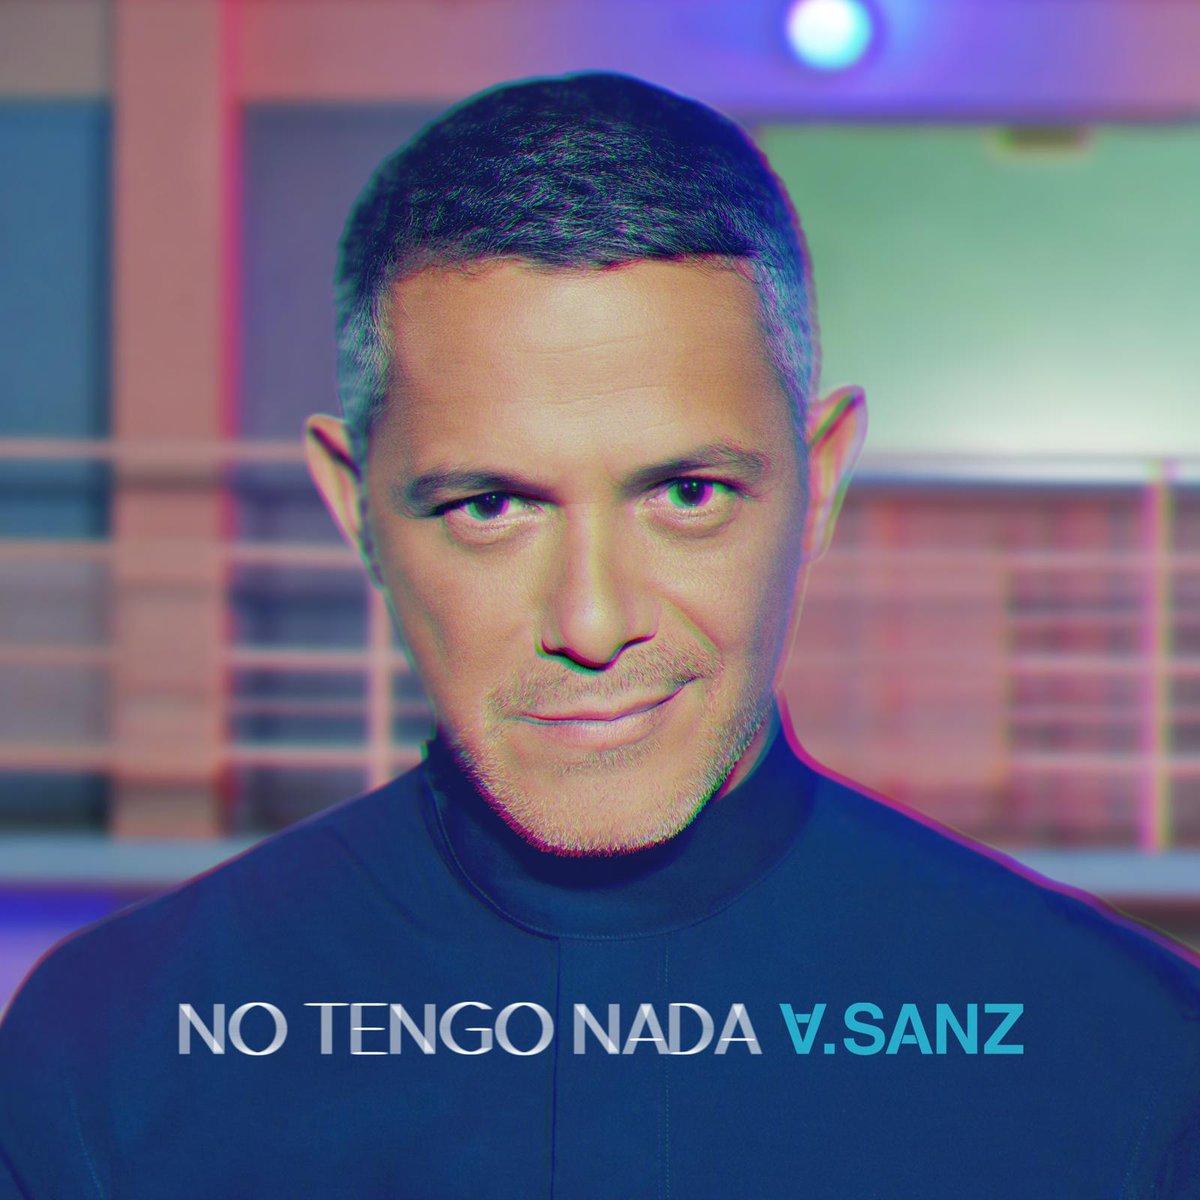 Este es el fruto de mis desvelos. #NoTengoNada será vuestra el día 30 de noviembre.  This is the result of my sleepless nights. #NoTengoNada will be yours on November 30th. Esse é o fruto dos meus desvelos #NoTengoNada. Será de vocês o dia 30 de novembro.   📸 @JaumedeLaiguana